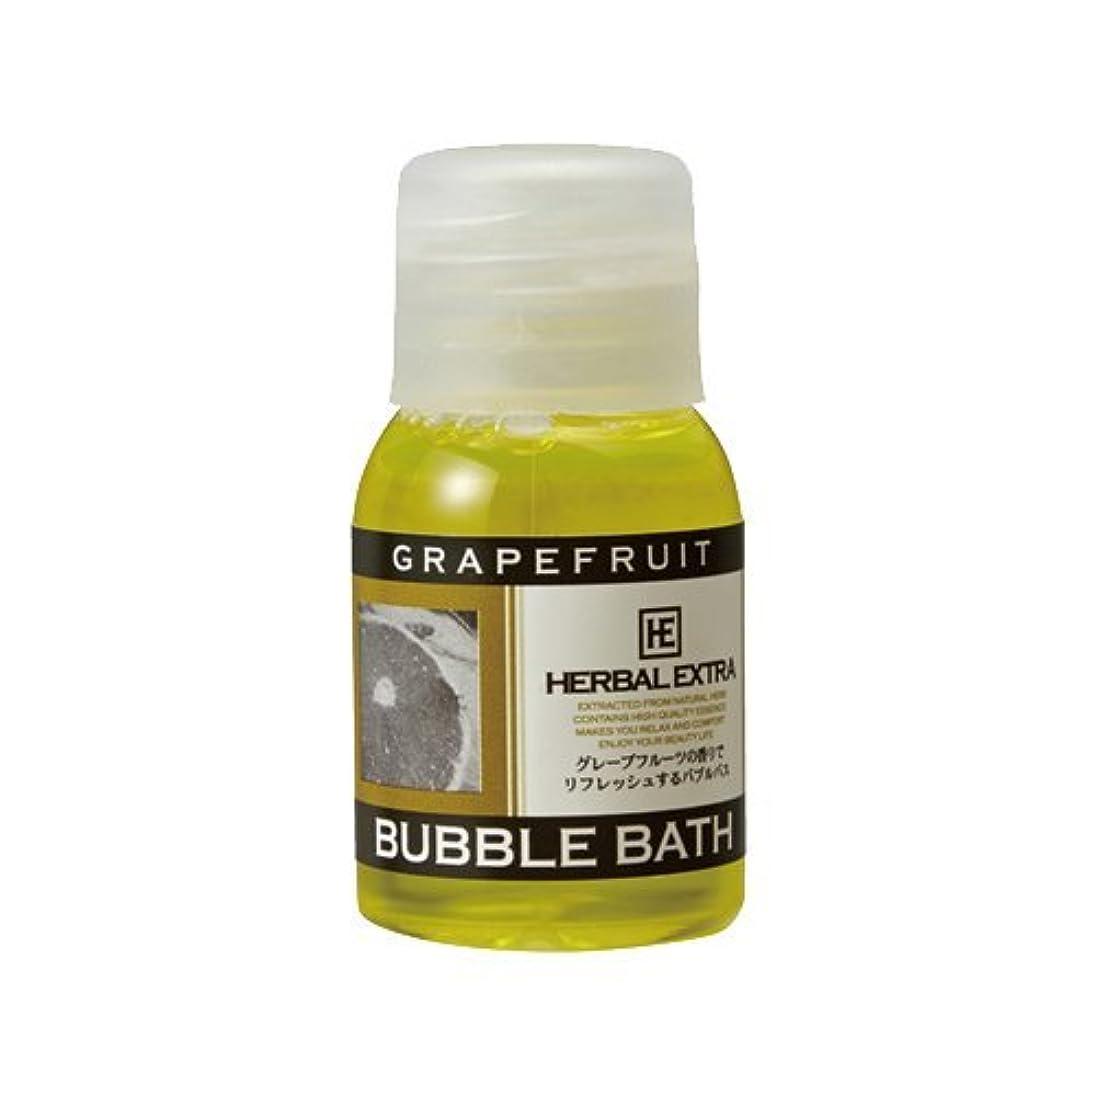 ネスト微妙オールハーバルエクストラ バブルバス ミニボトル グレープフルーツの香り × 80個セット - ホテルアメニティ 業務用 発泡入浴剤 (BUBBLE BATH)